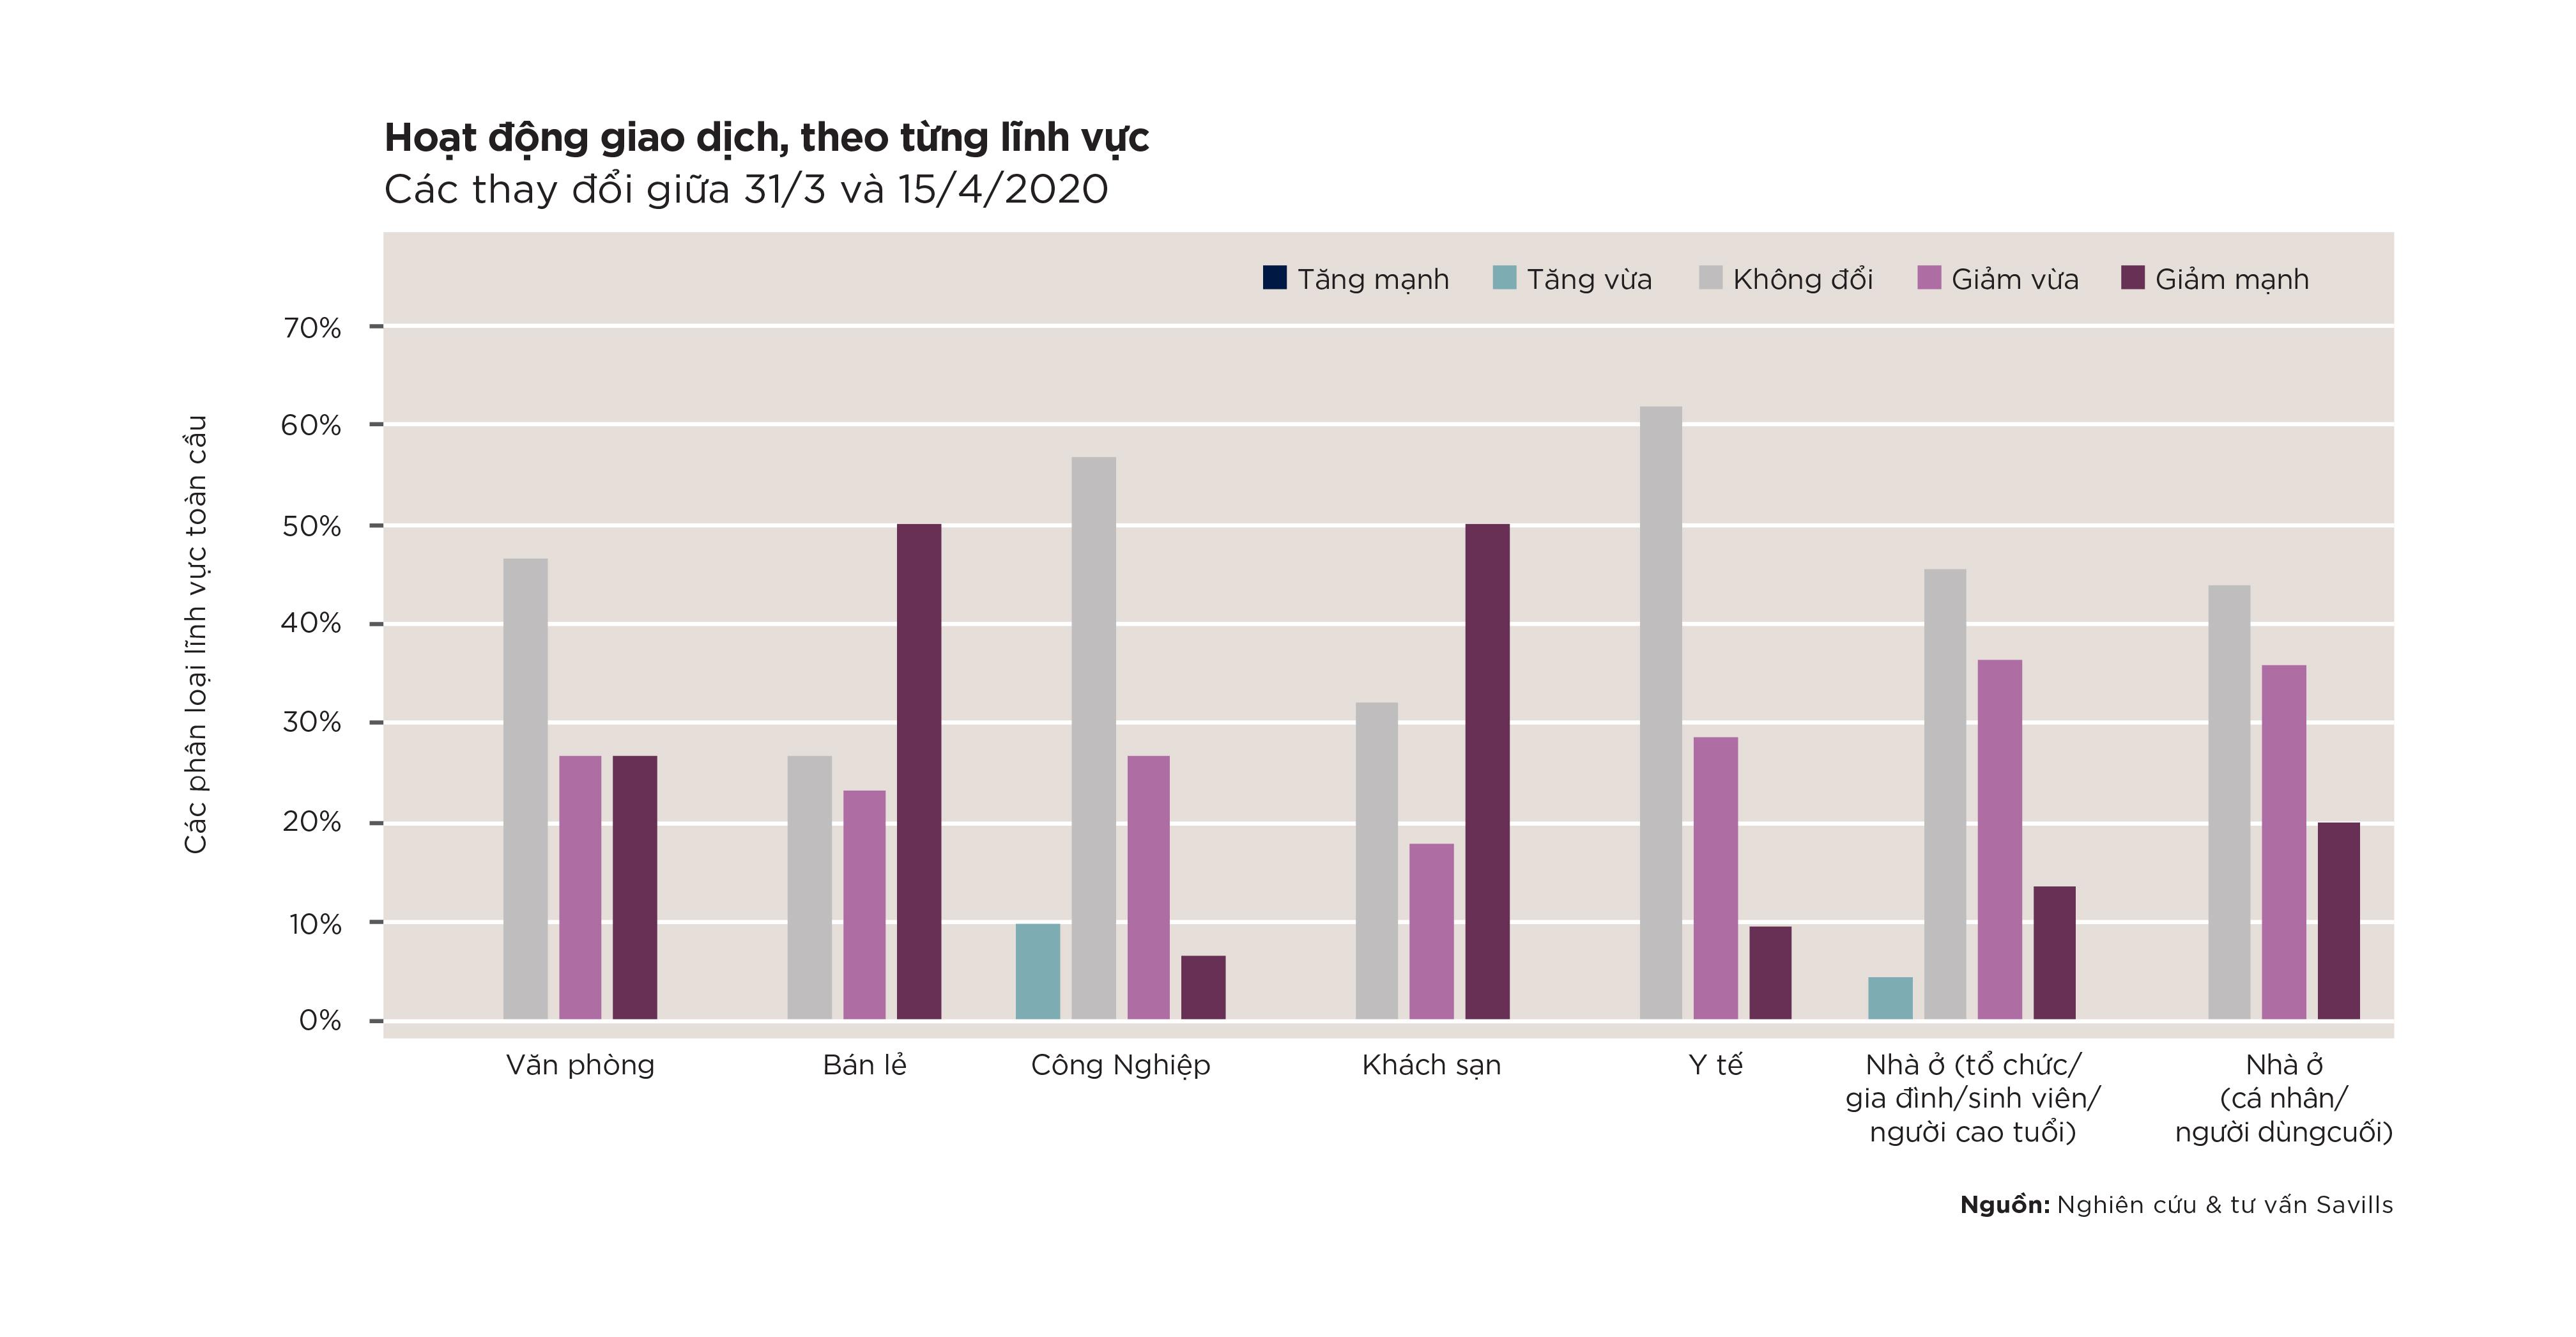 Thị trường BĐS Trung Quốc khởi sắc, Việt Nam đang hồi phục sau dịch - Ảnh 2.